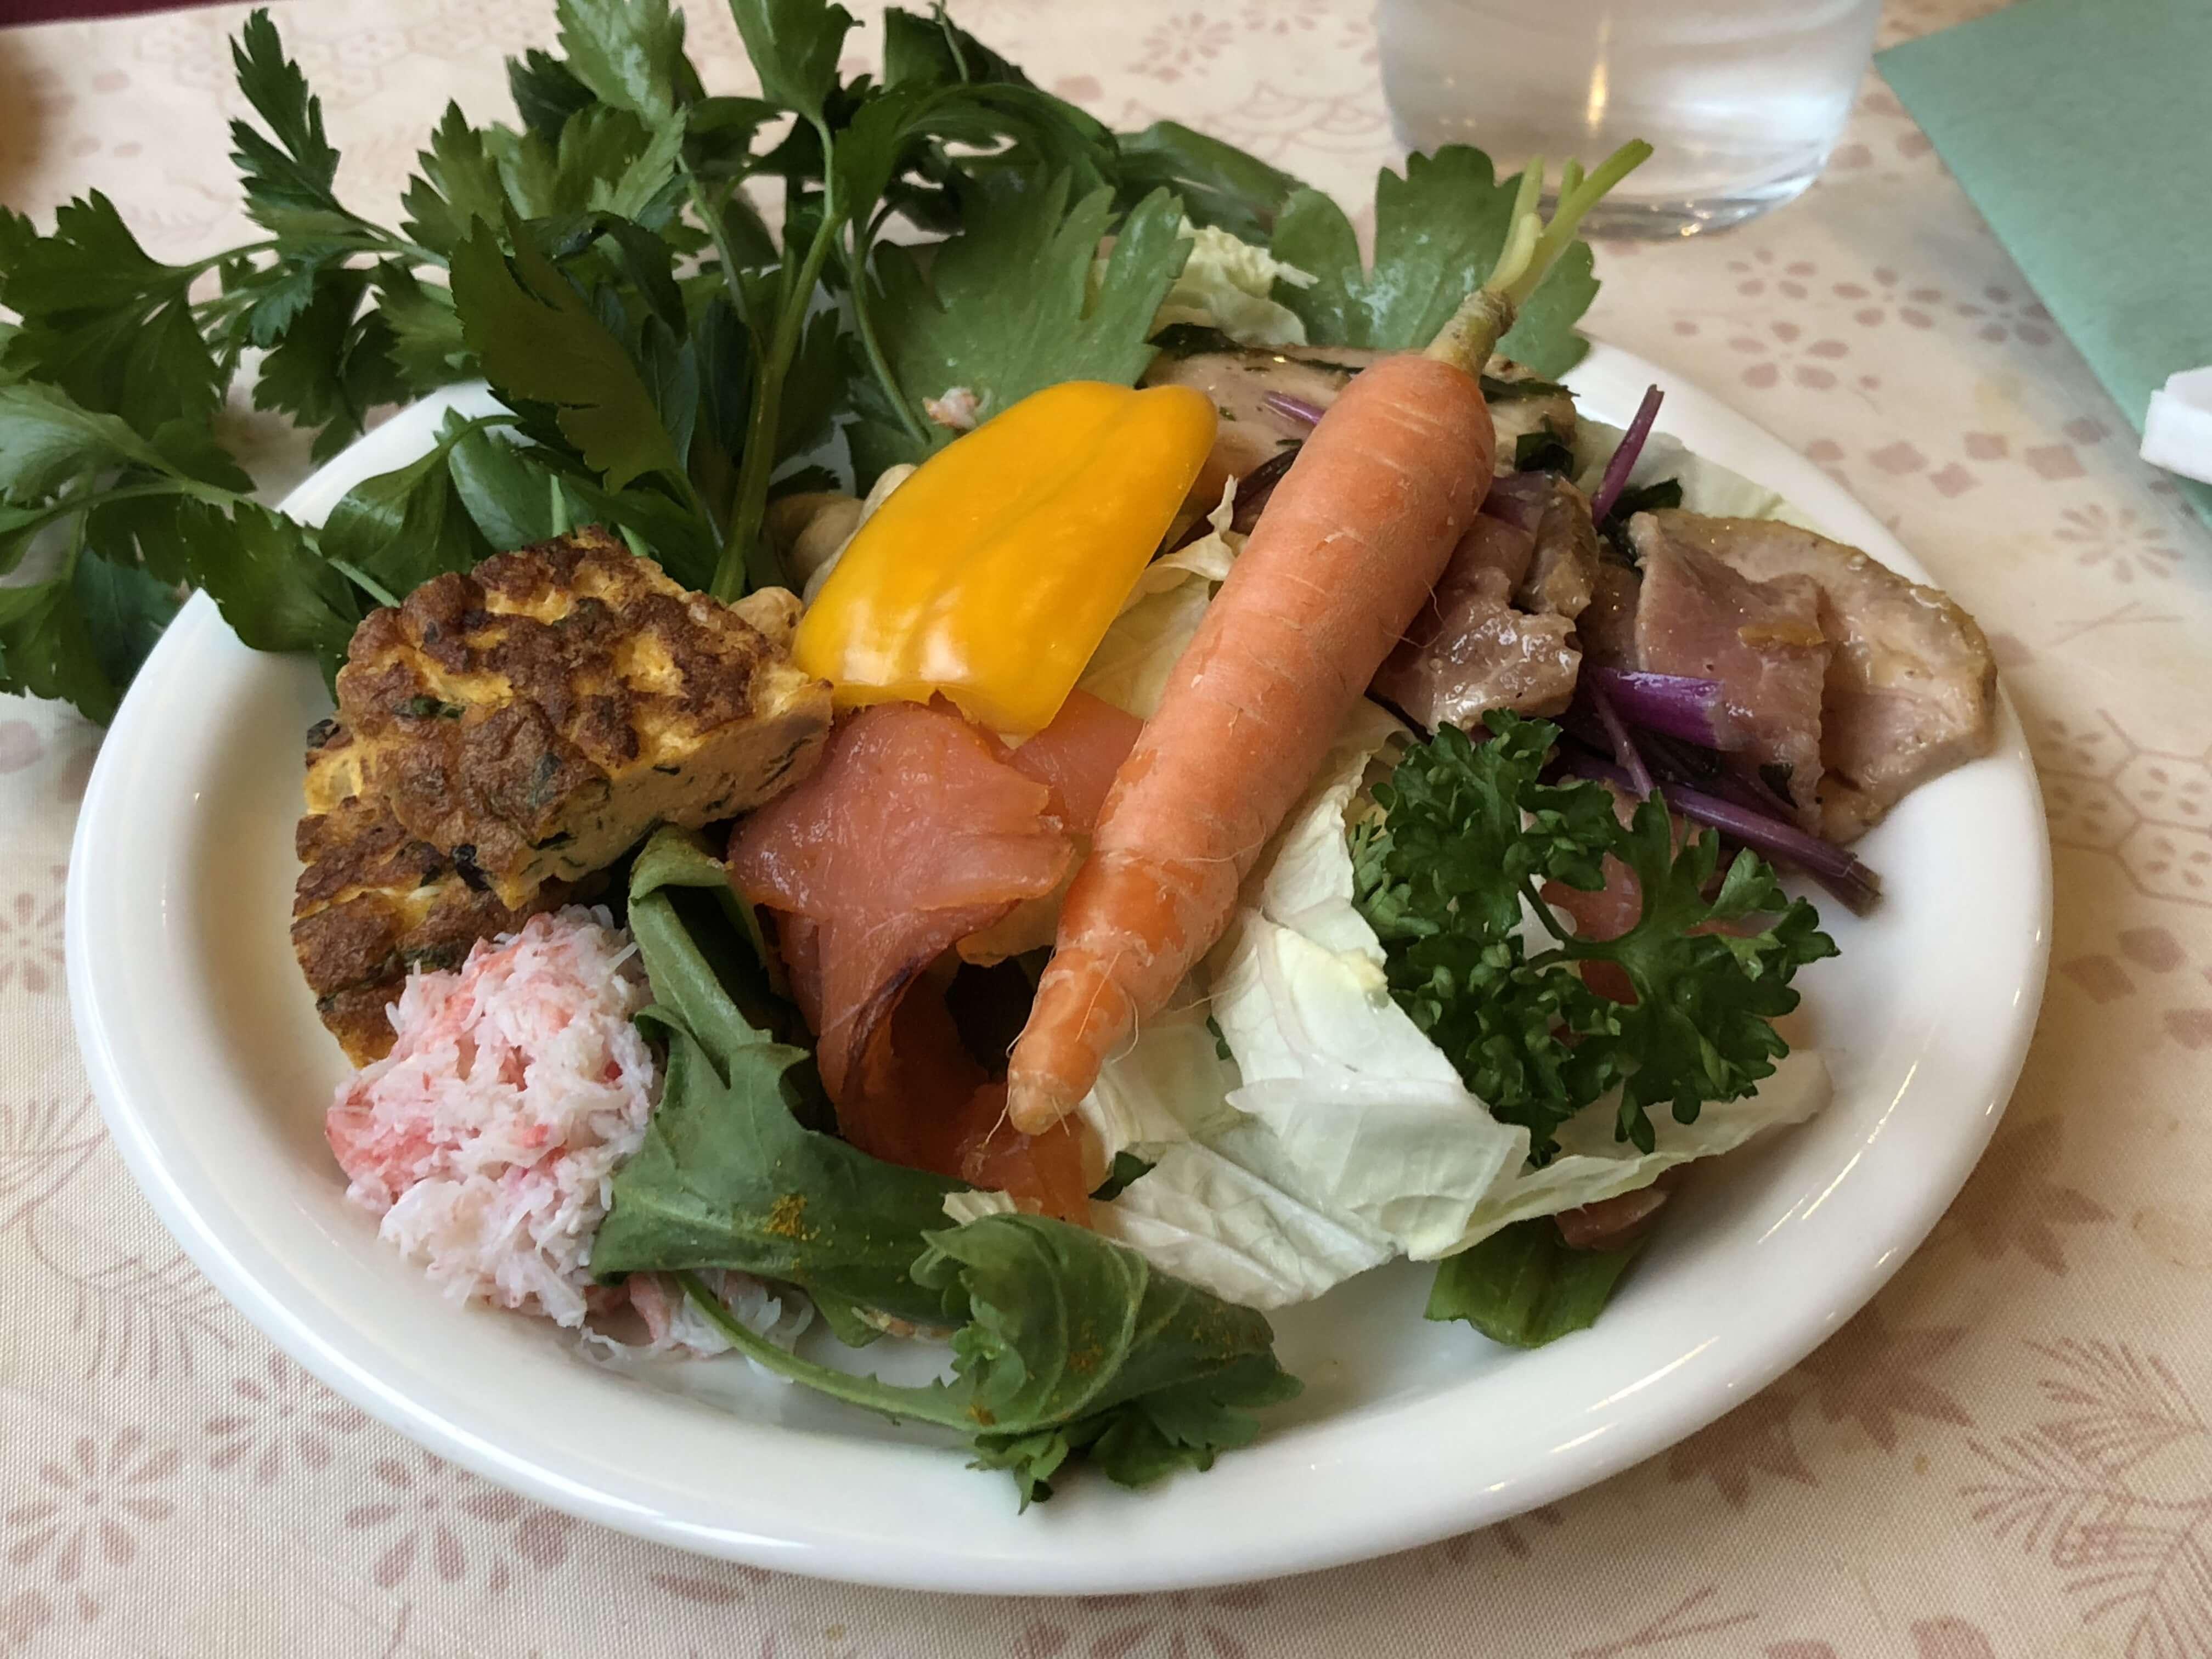 「Au milieu de la vie(オー ミリュー ドゥ ラ ヴィ)」高尾台で見つけた野菜が主役のフレンチのお店